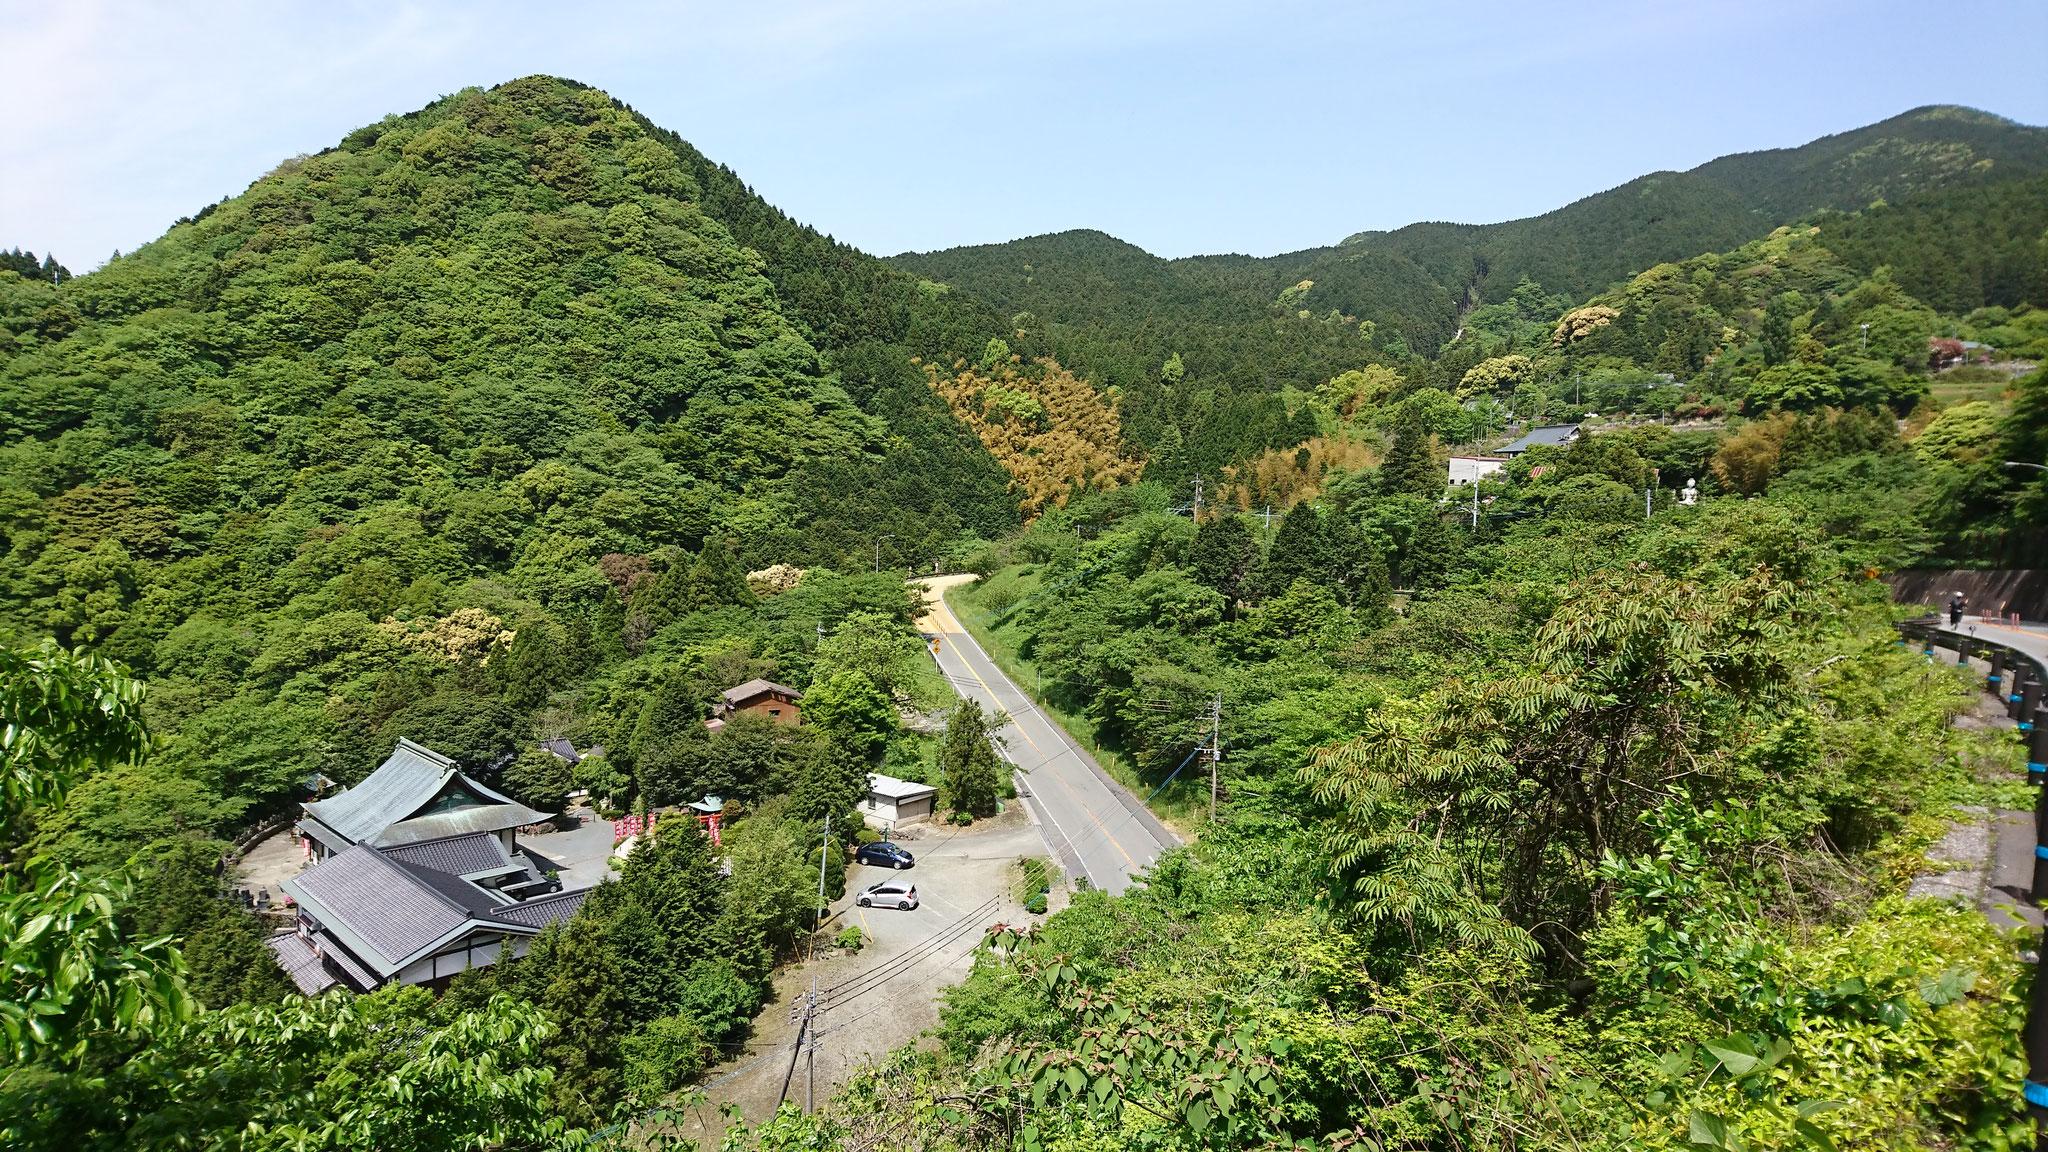 篠栗マラニック~八木山峠からの下り